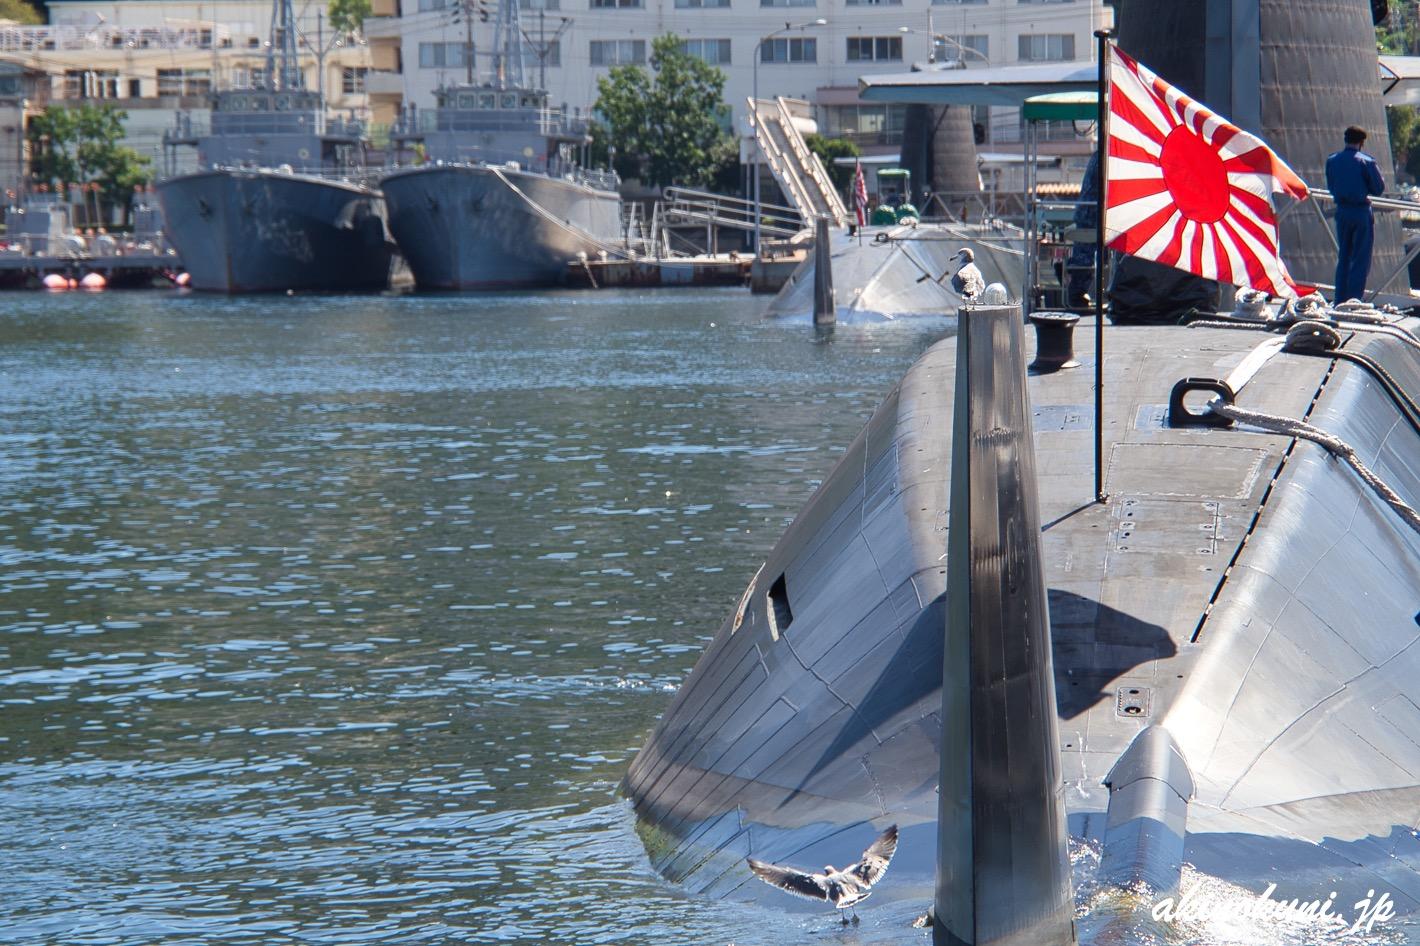 潜水艦で遊ぶカモメたち